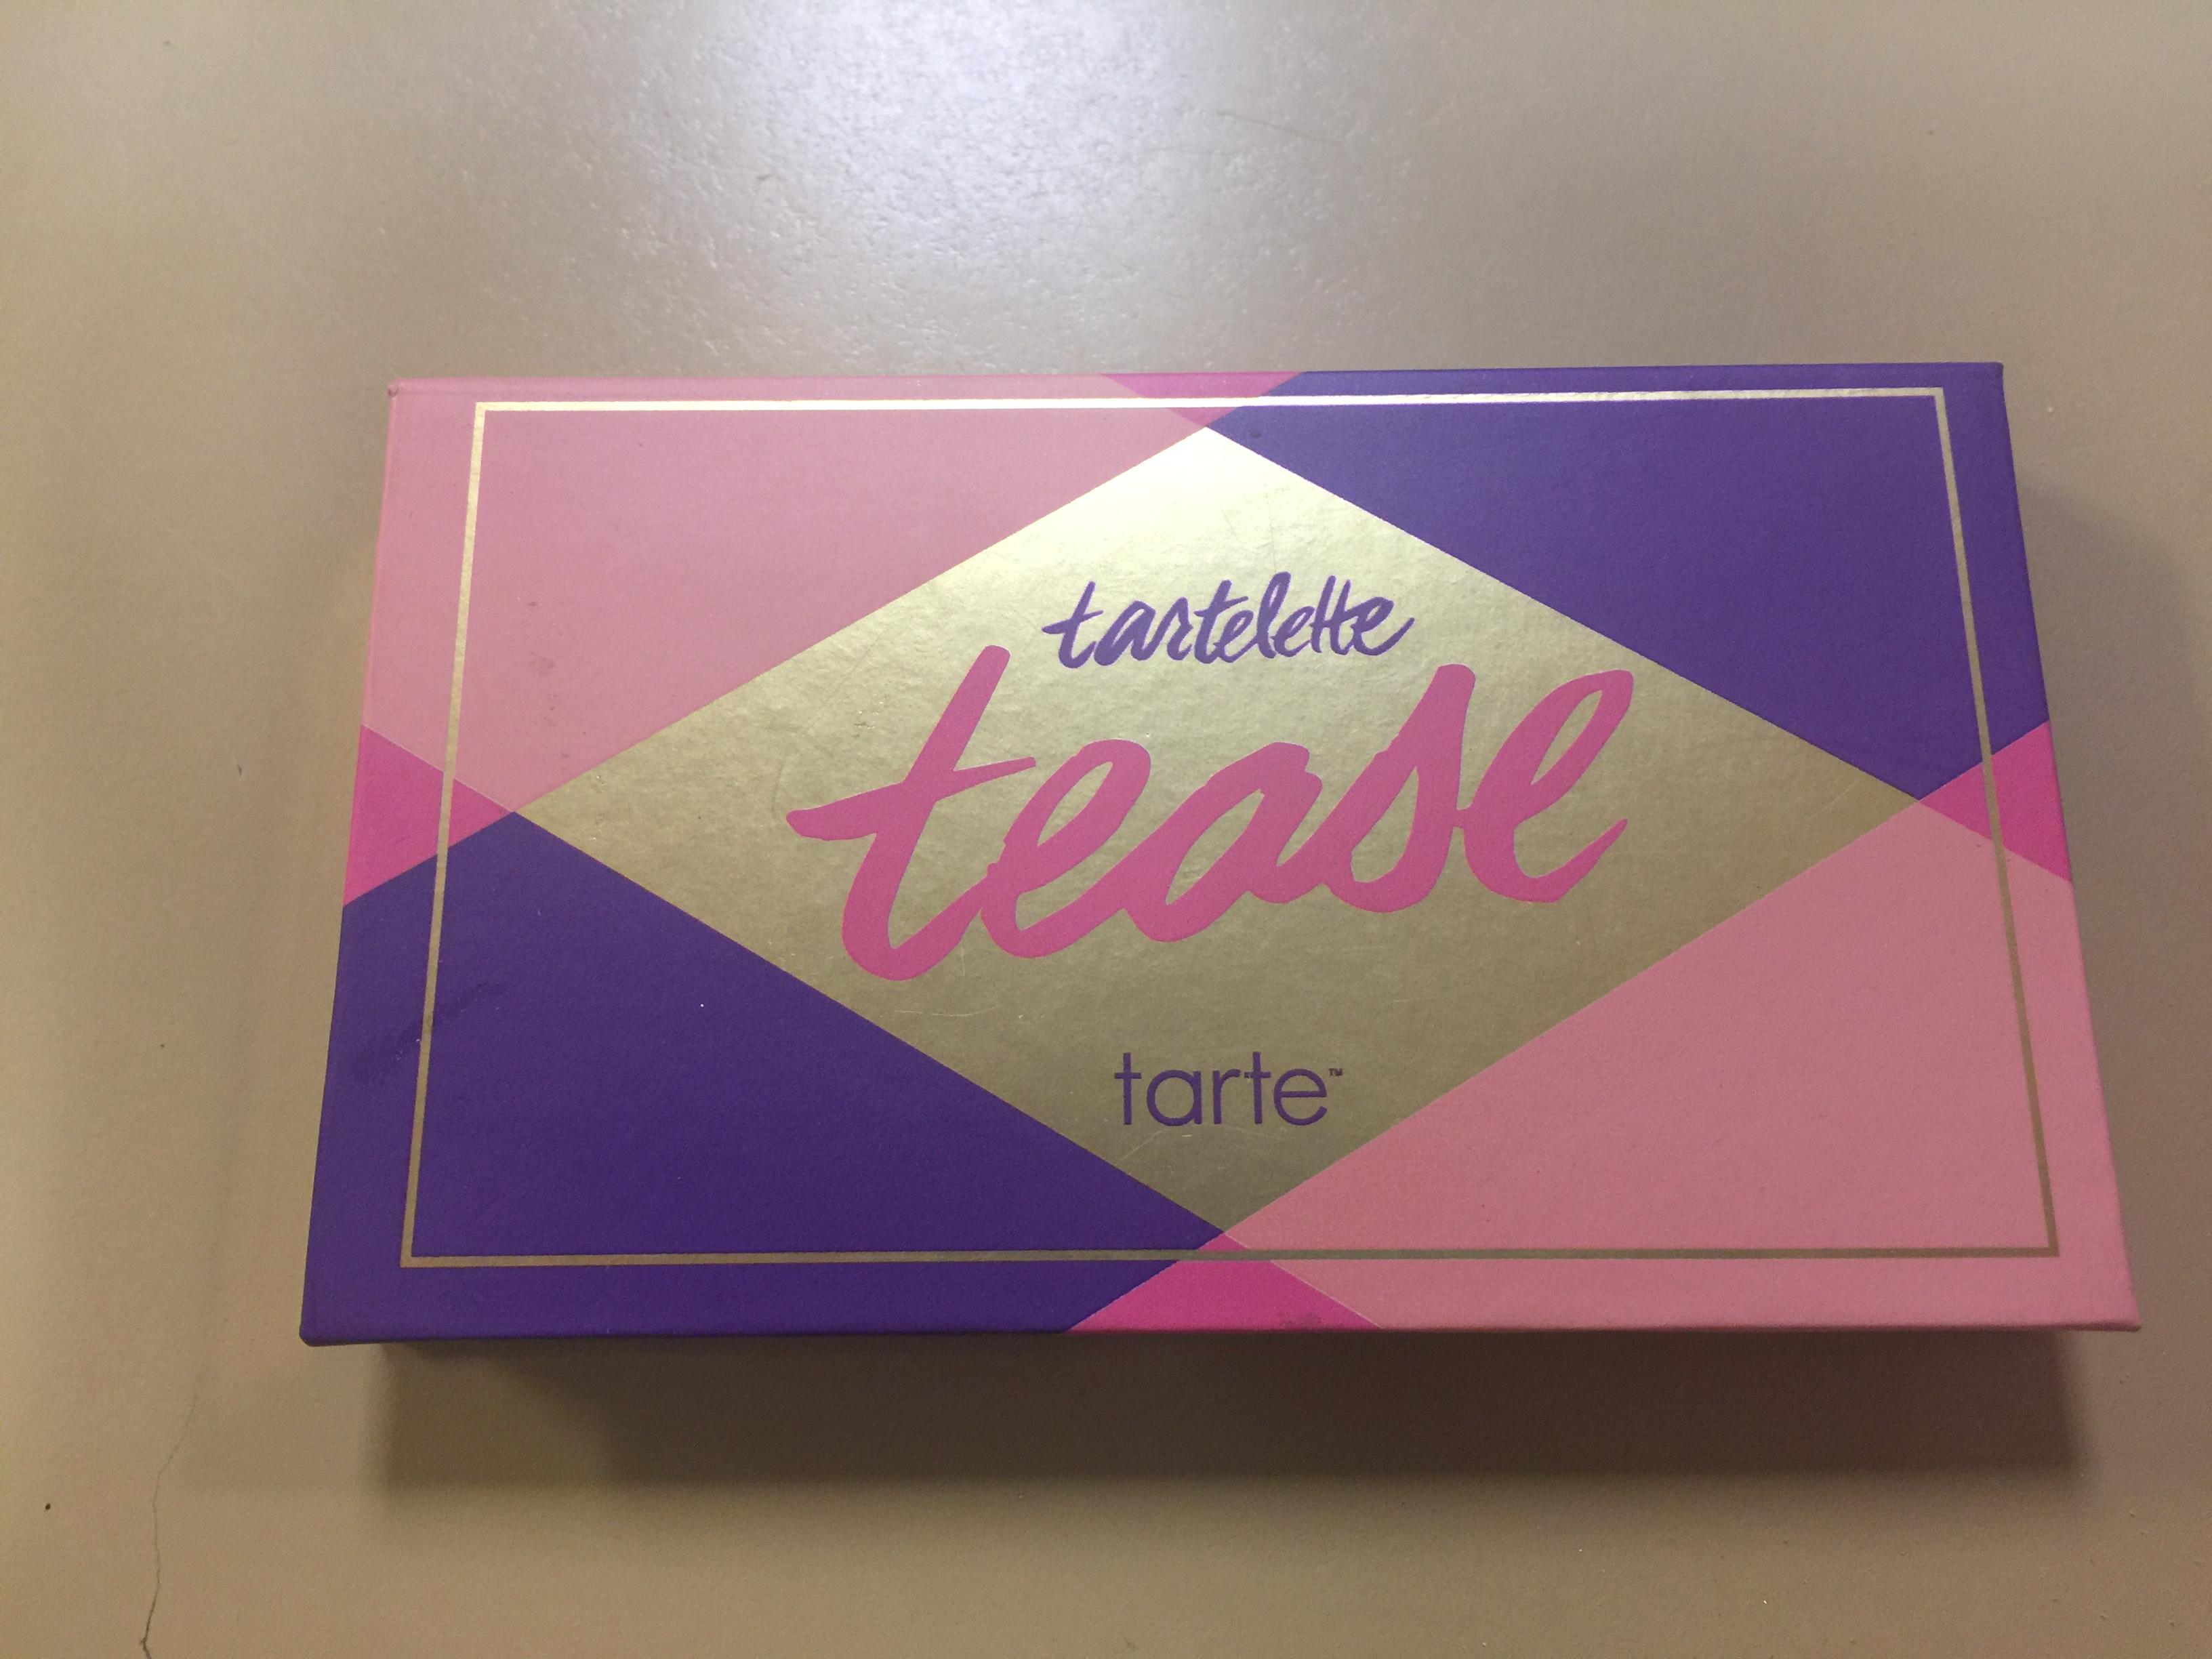 tarte Tartelette Tease Clay Palette uploaded by Katie G.